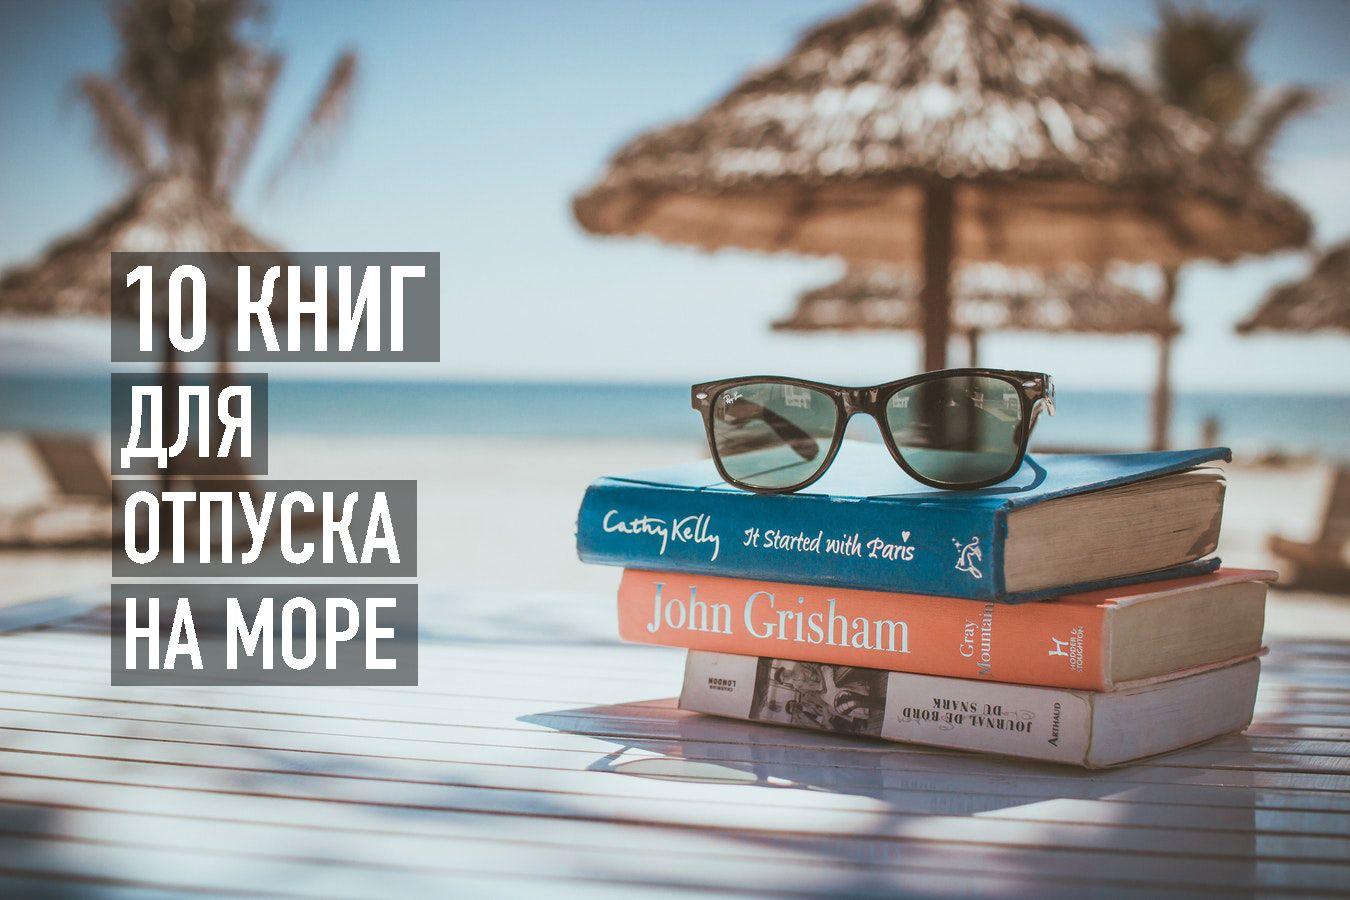 Подборка 10 книг, идеальных для отпуска на море